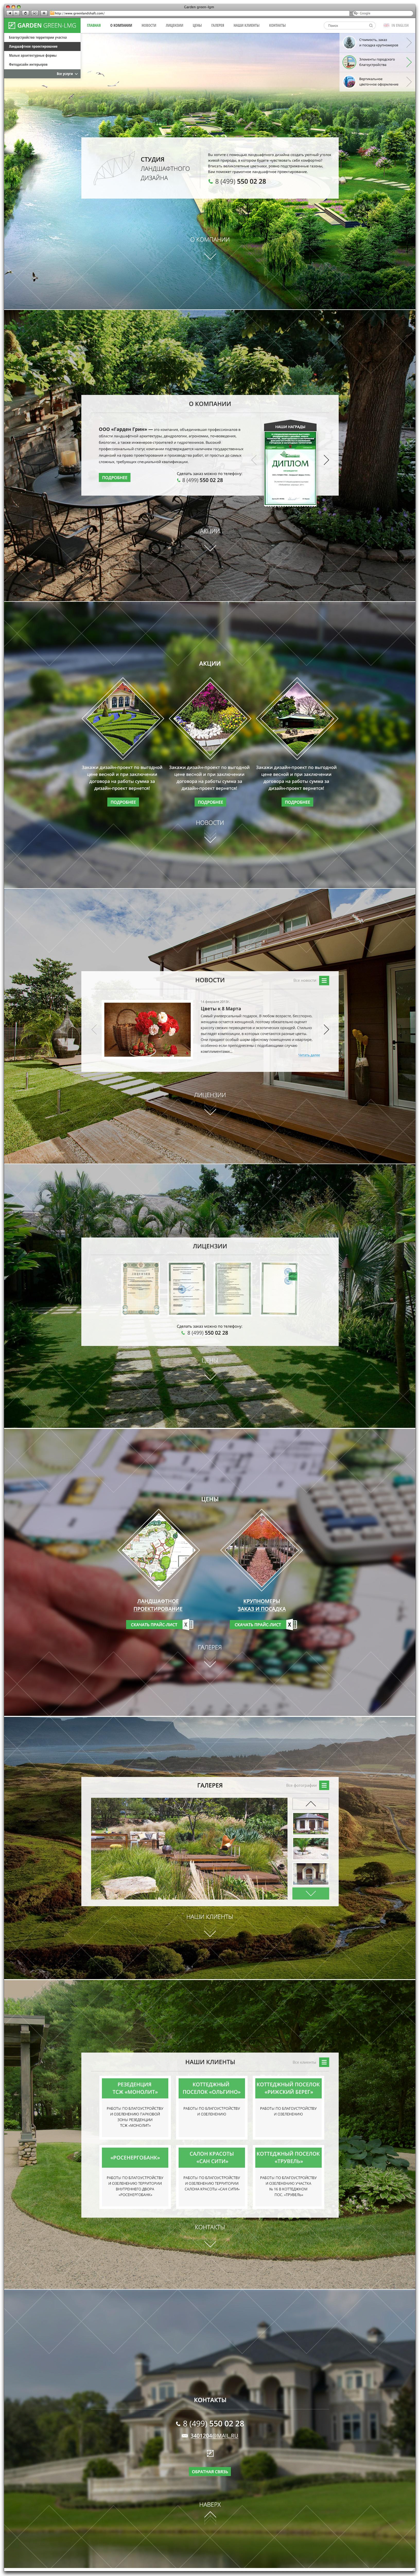 """Landing page для """"Студии ландшафтного дизайна """"GARDEN GREEN-LGM"""""""", заказчик студия RED/SLASH"""